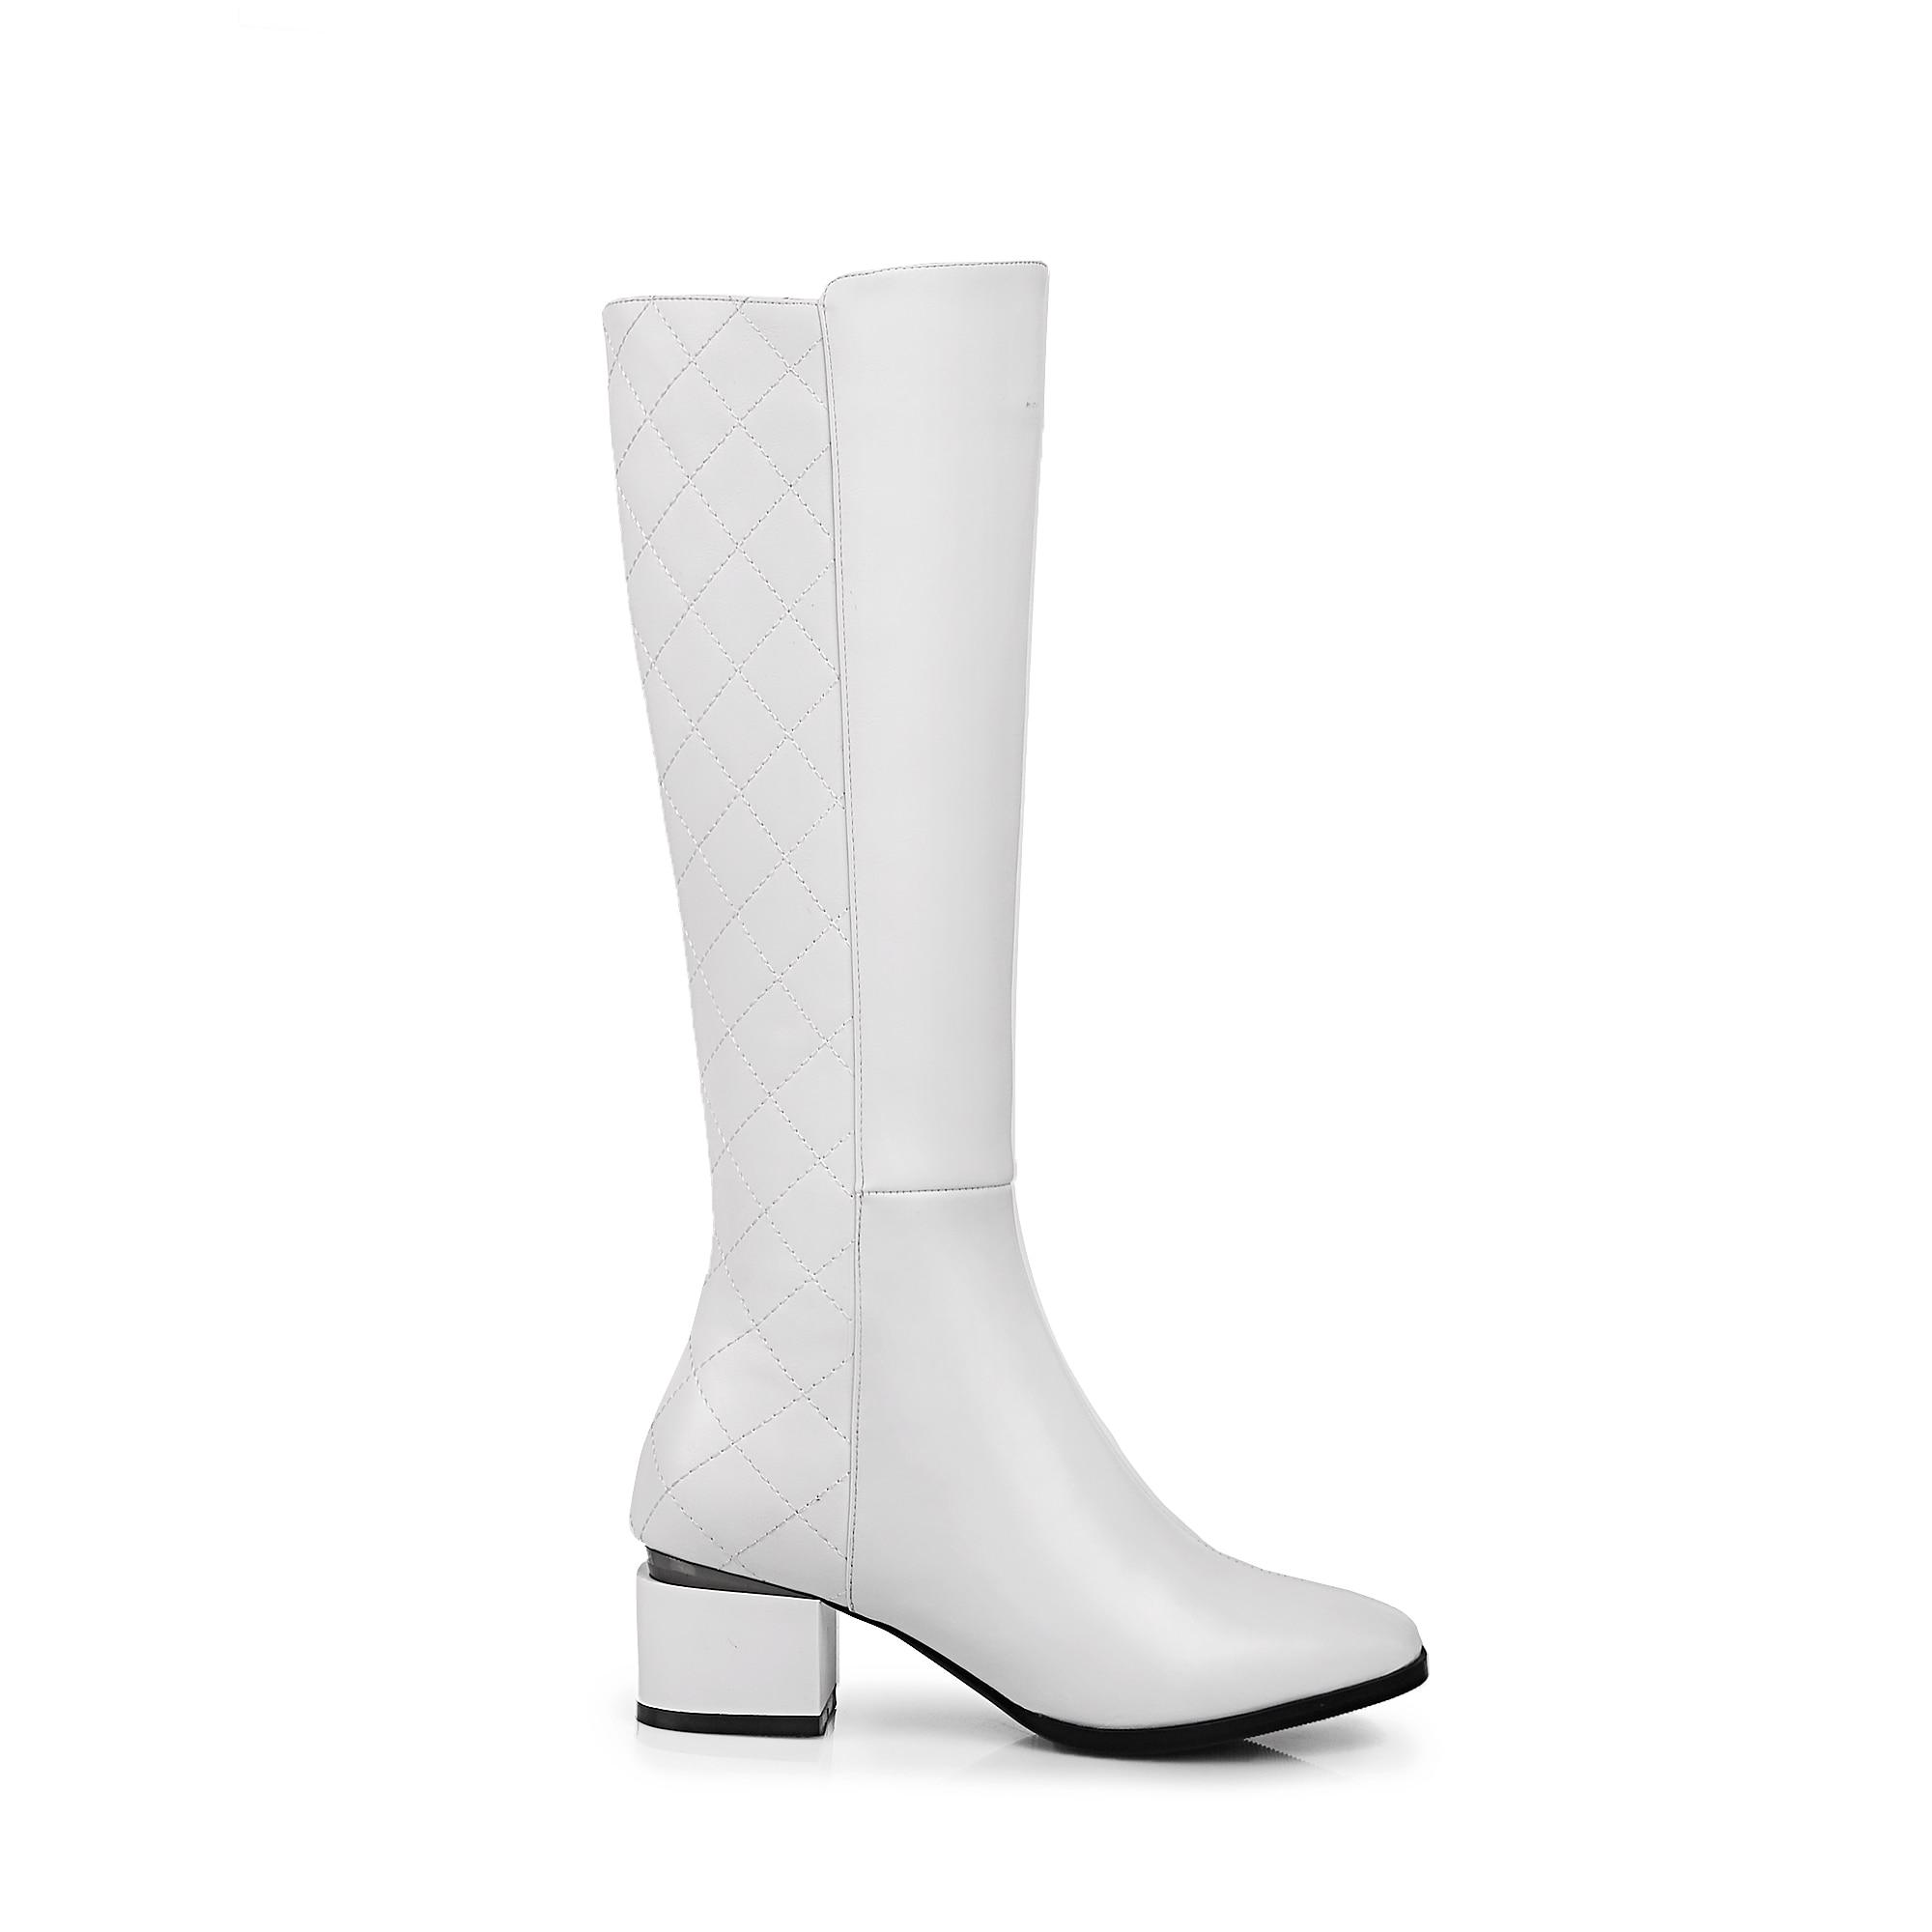 Faible Femmes Haute Noir blanc Chaud Confort rouge Rouge Mode Noir Blanc Talon De Carré Bottes Zipper Chaussures Véritable Cuir En Hiver Genou Bout r04Irq